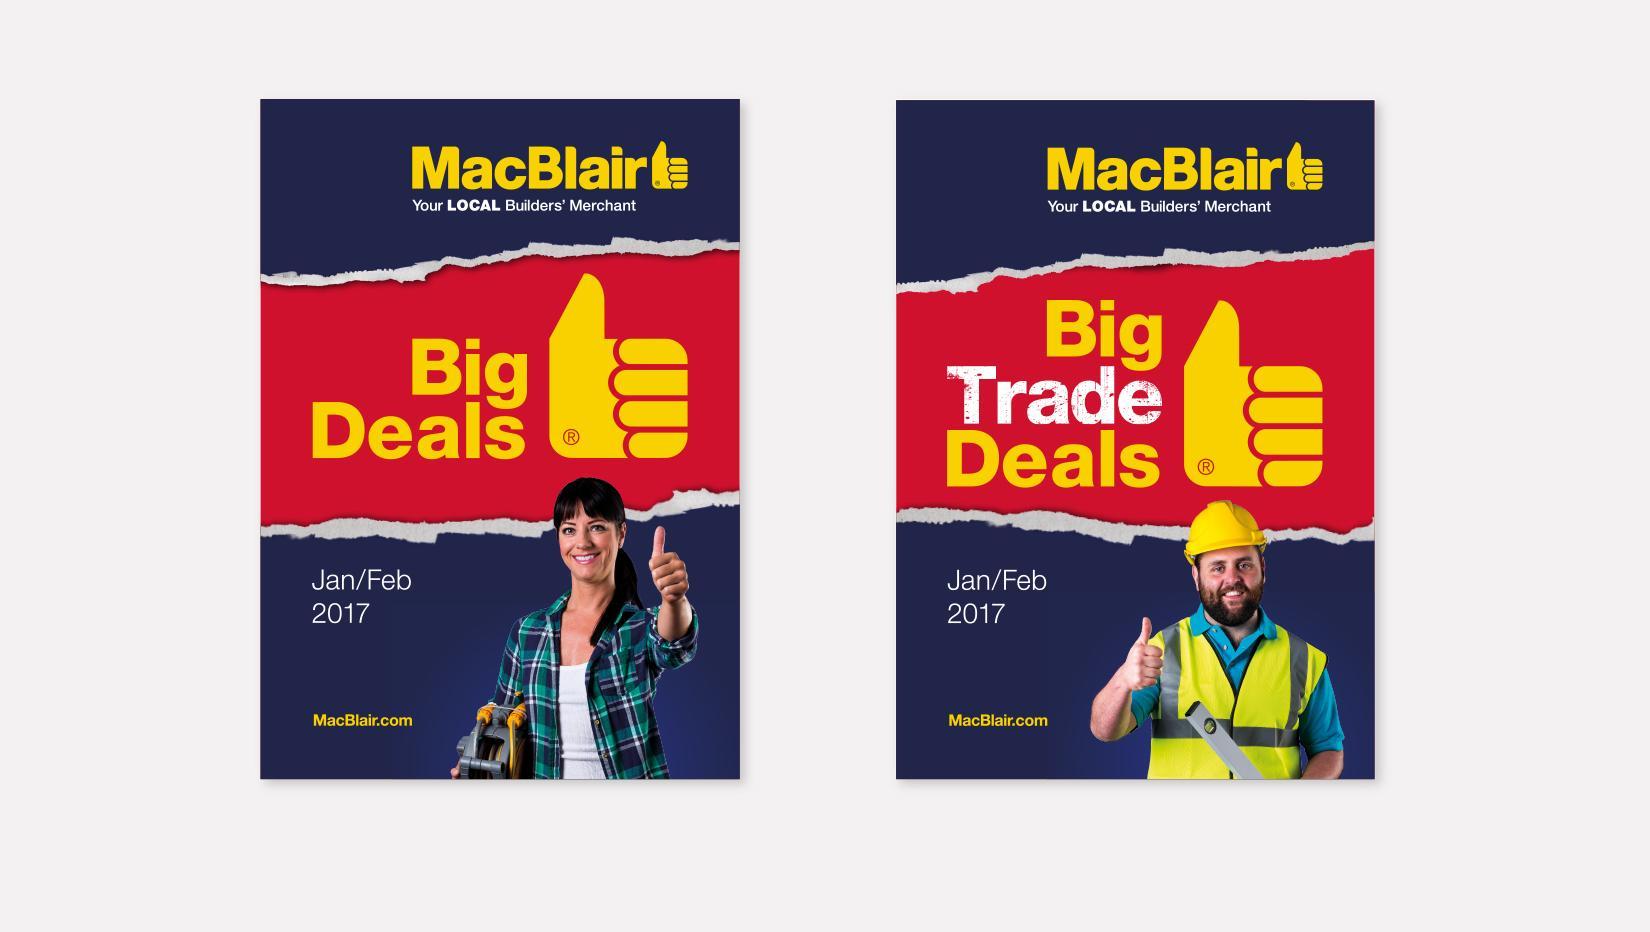 MacBlair Promotions